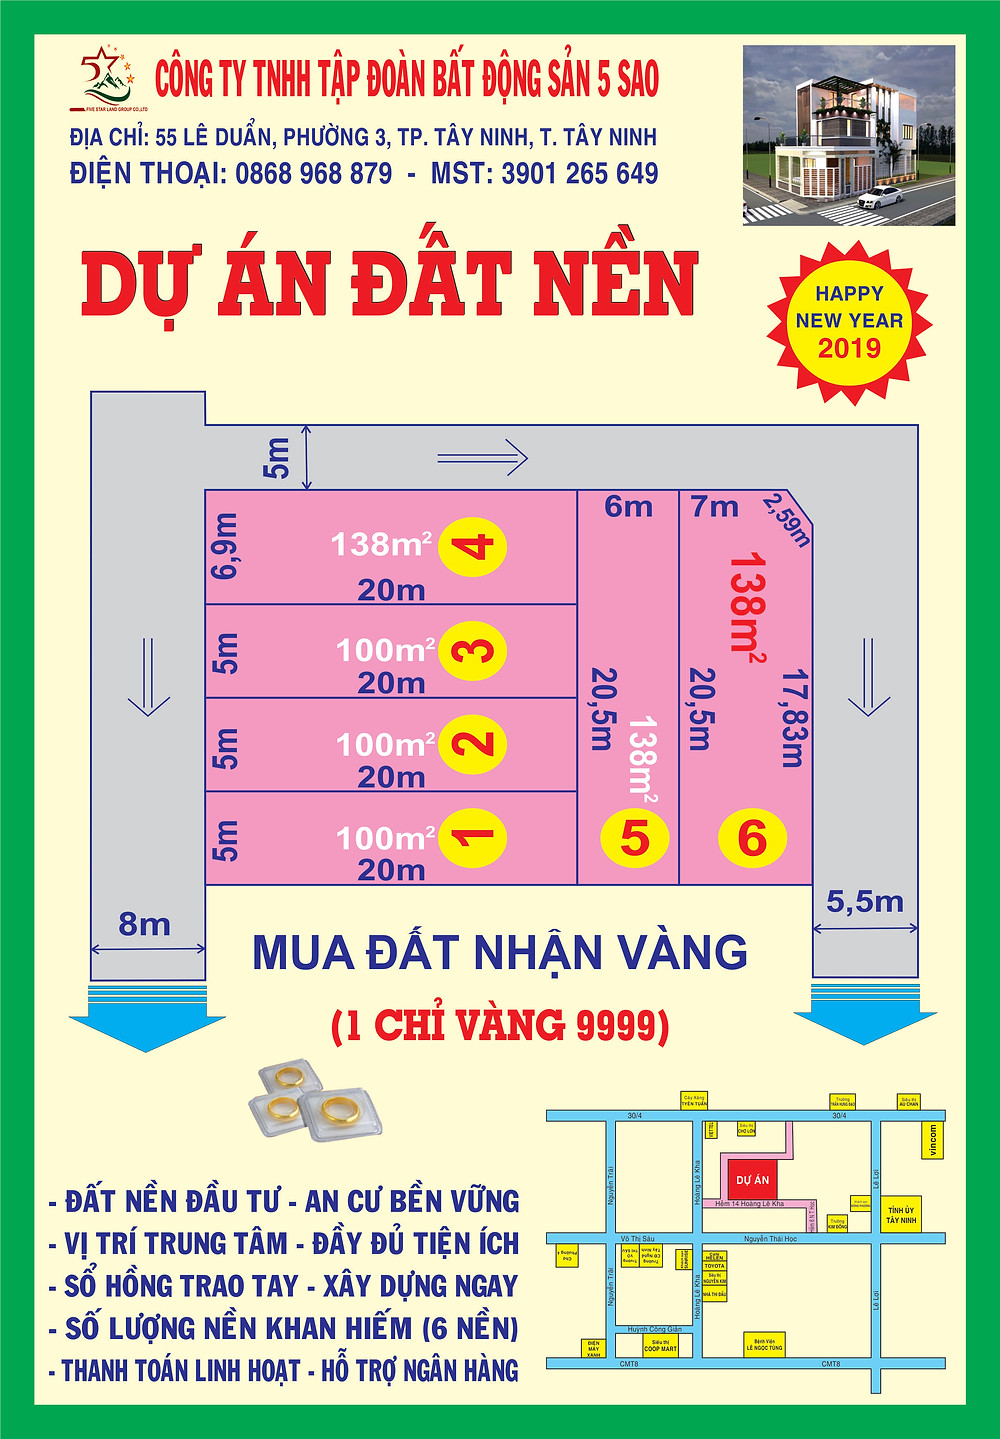 Dự án đất nền đường Hoàng Lê Kha -TP Tây Ninh